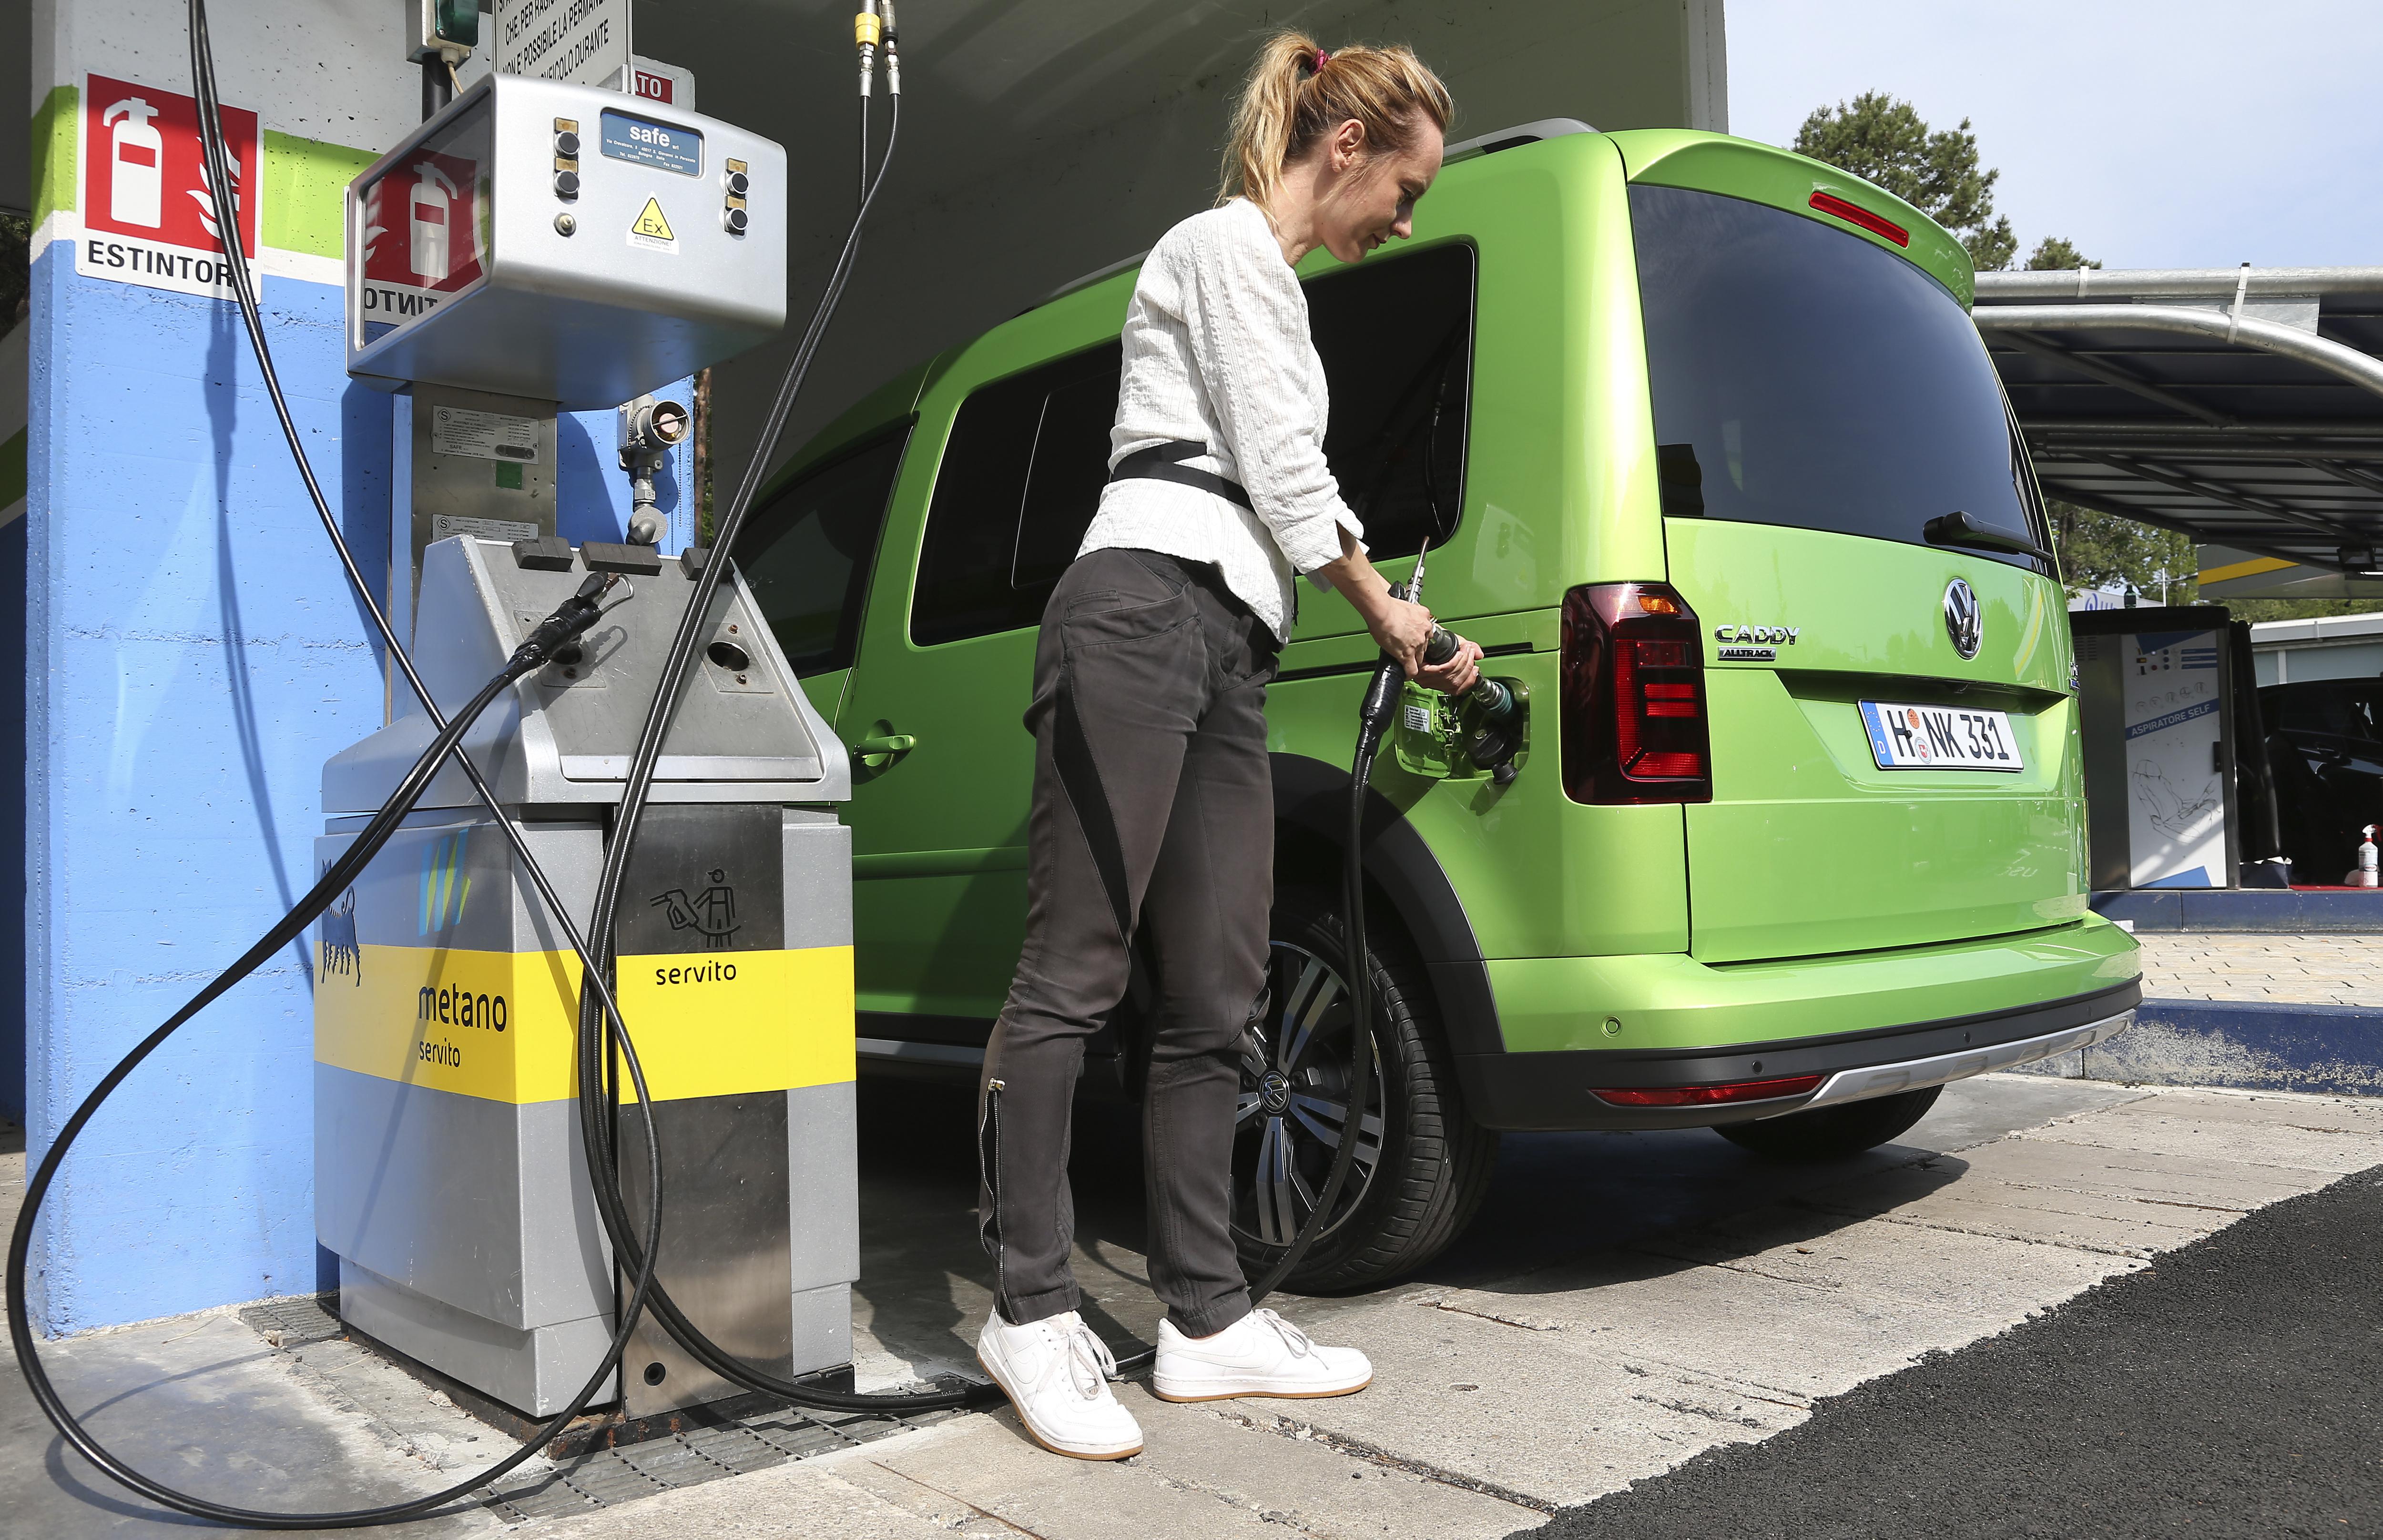 Volkswagen caddy cgi moest je het niet weten je zou het niet weten link2fleet for a smarter - Een hellend land ontwikkelen ...